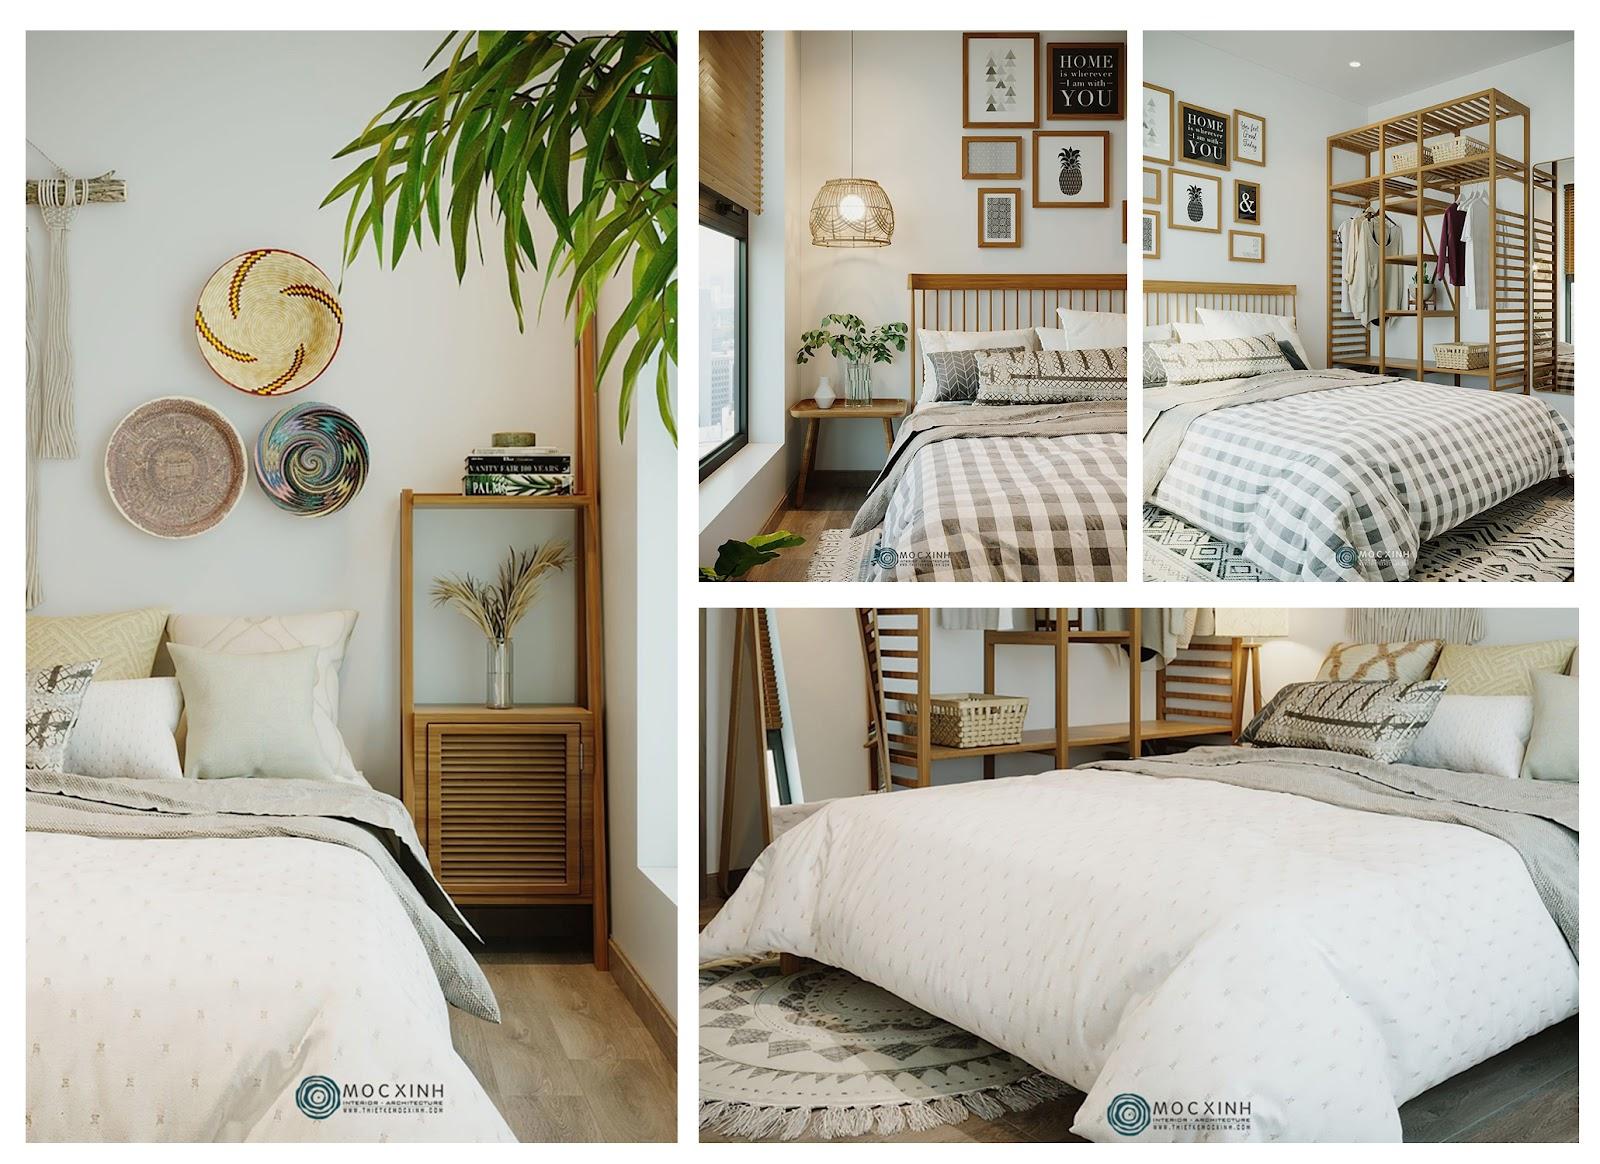 Thiết kế phòng ngủ homestay sáng tạo tươi sáng